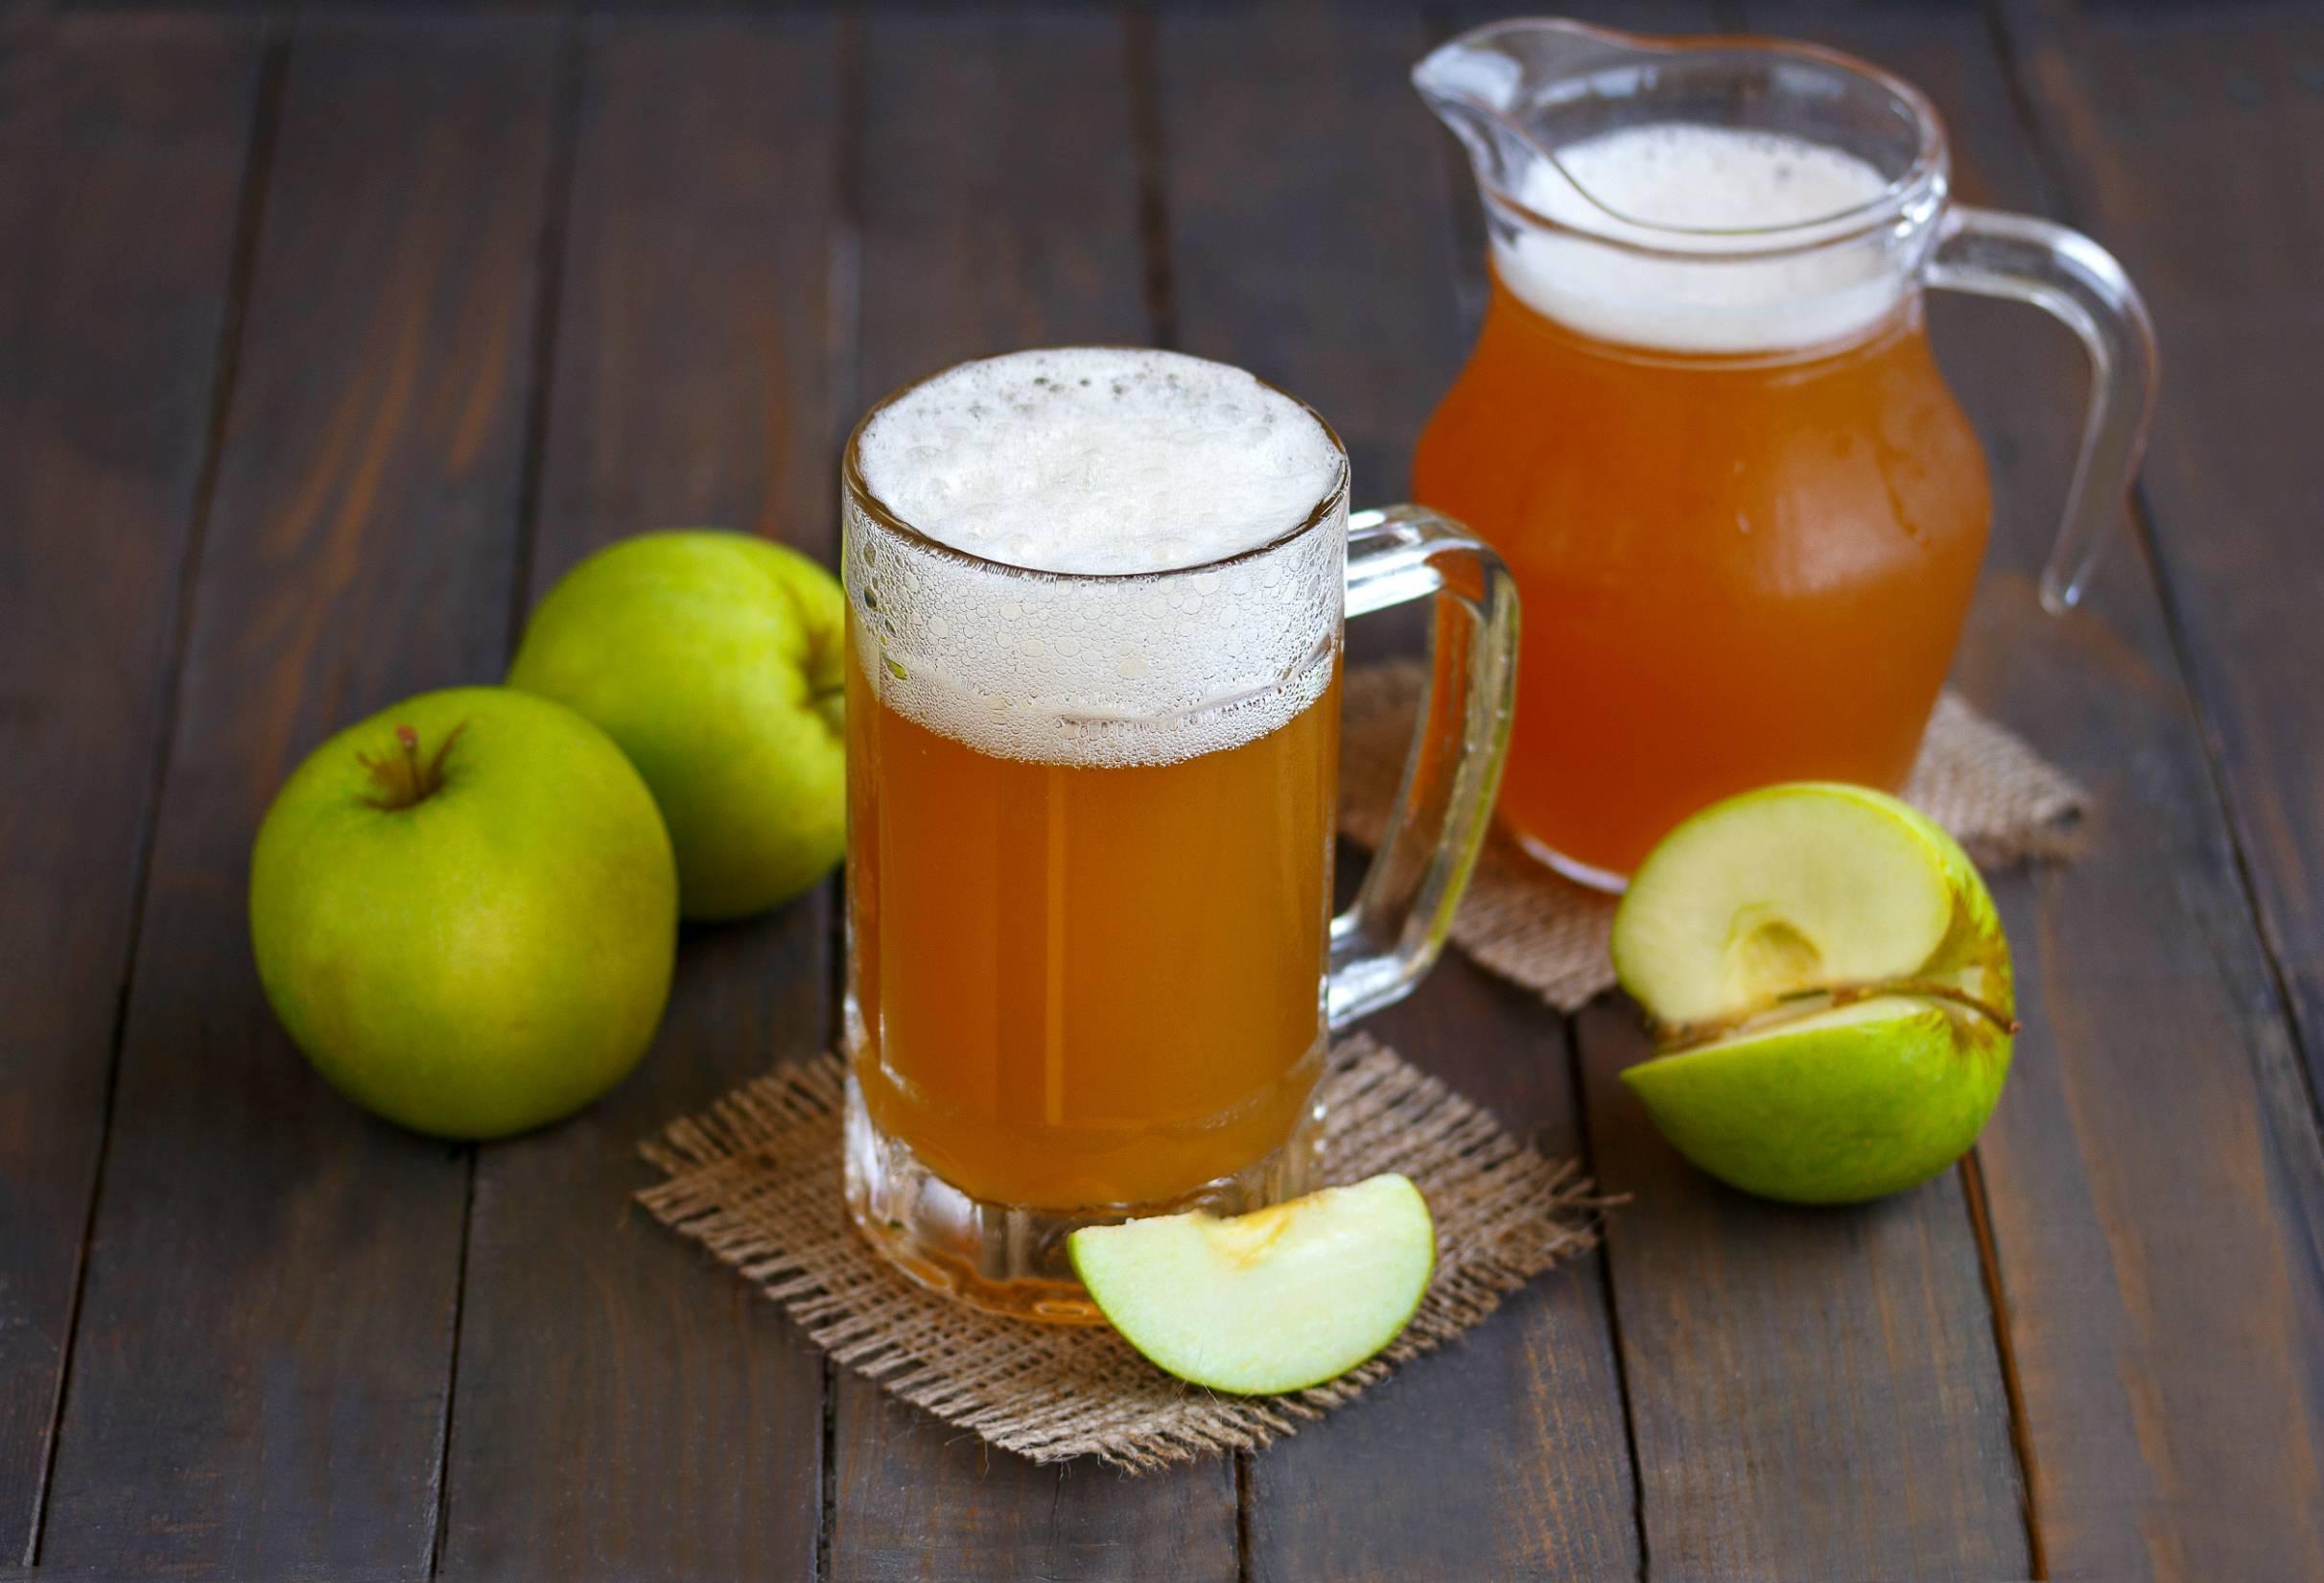 Сидр яблочный в домашних условиях - 5 рецептов с фото пошагово